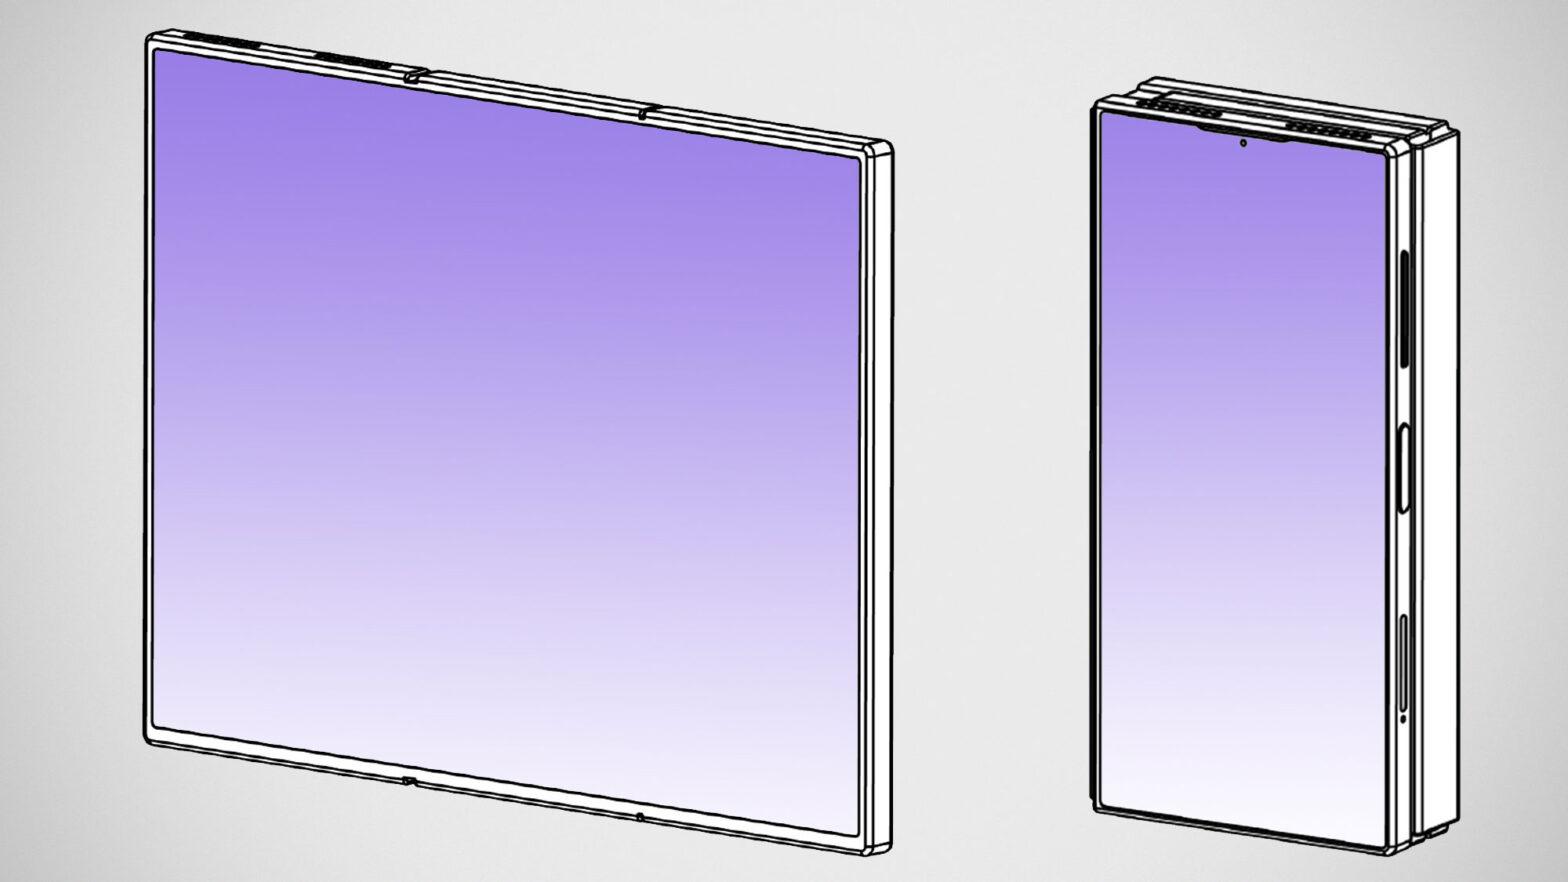 Xiaomi Tri-fold Phone Smartphone Patent